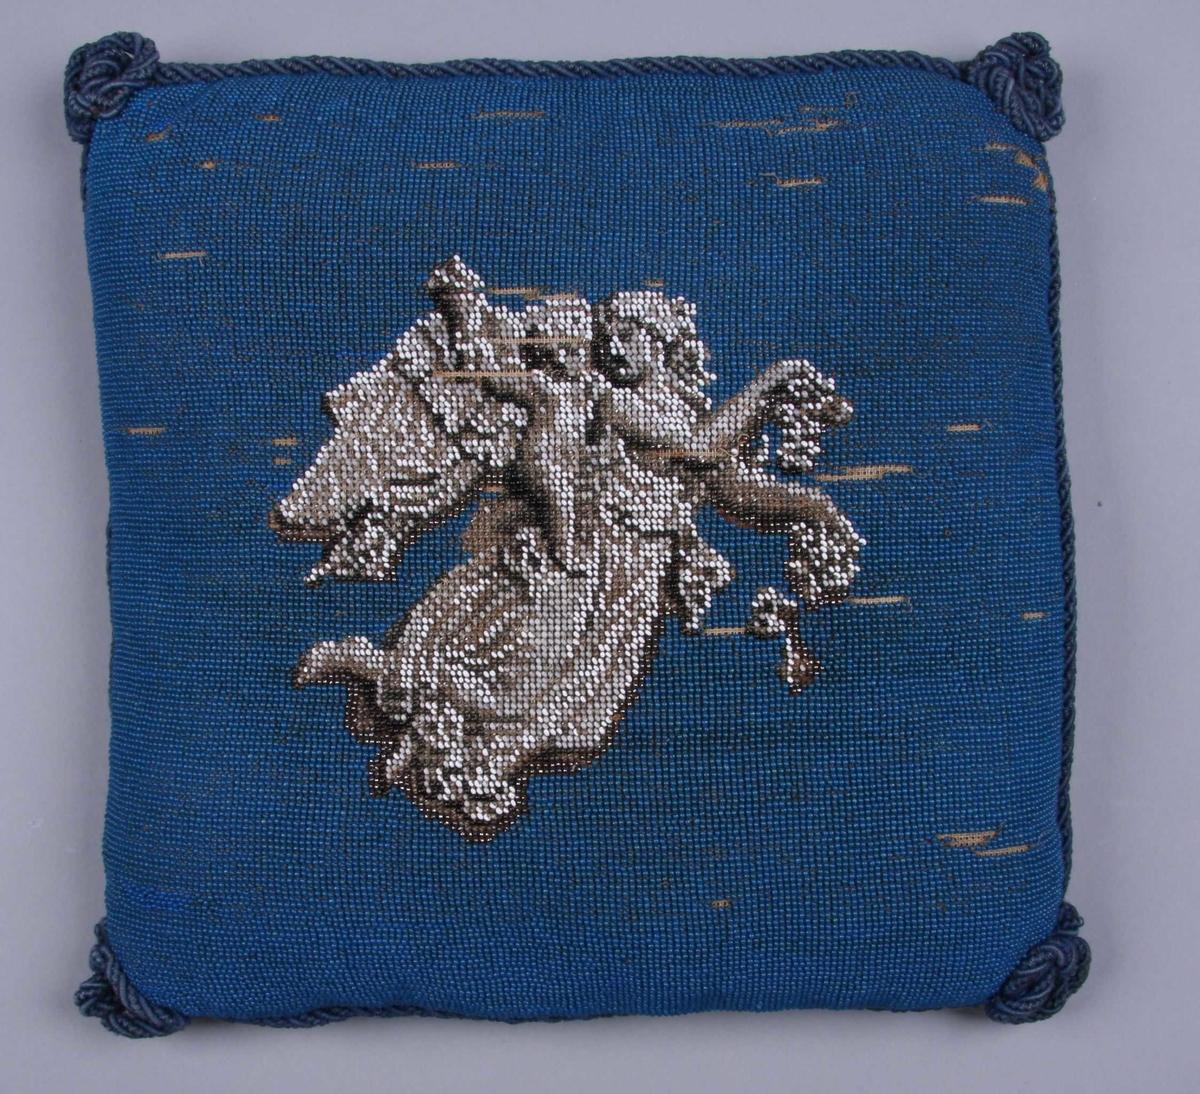 """Helt perlebrodert: blå bakgrunn med Thorvaldsens """"Dagen"""" i grått, hvitt og sølv. Baksiden av blå sateng. Kantet med blå ullsnor."""